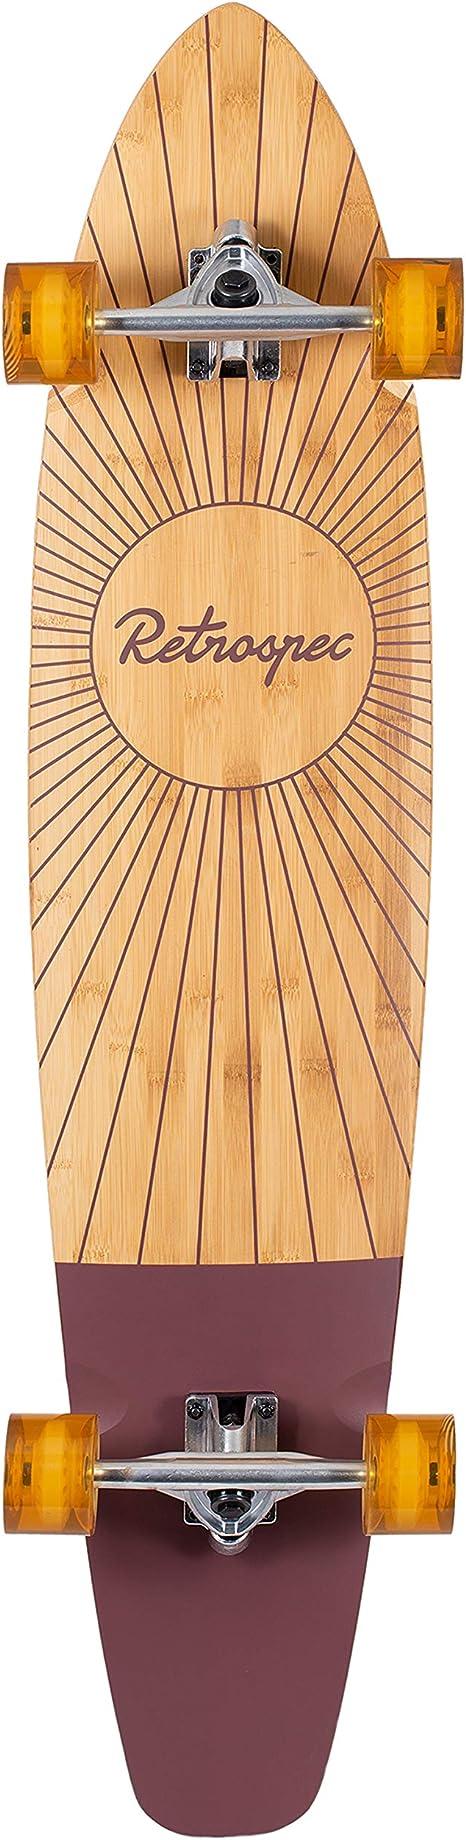 Retrospec Zed Bamboo Longboard